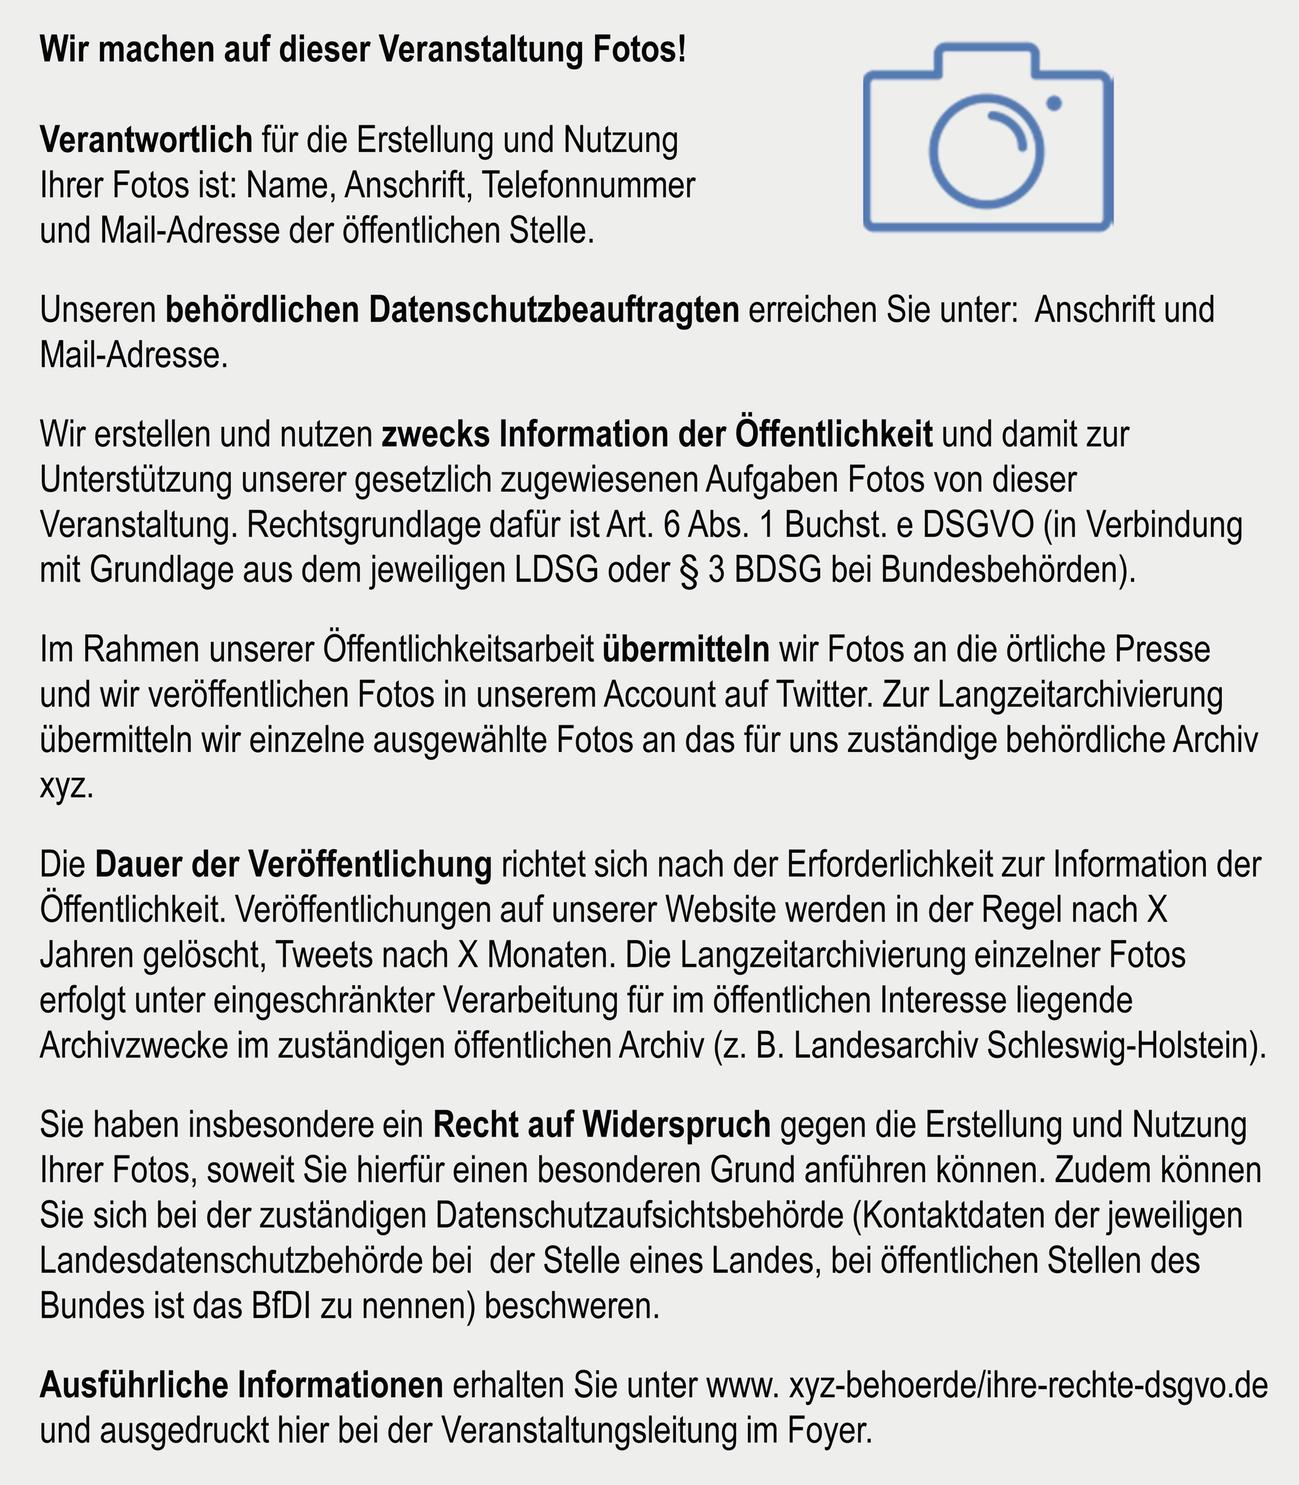 Datenschutz Bei Personenbezogenen Inhalten Der Offentlichkeitsarbeit Springerlink